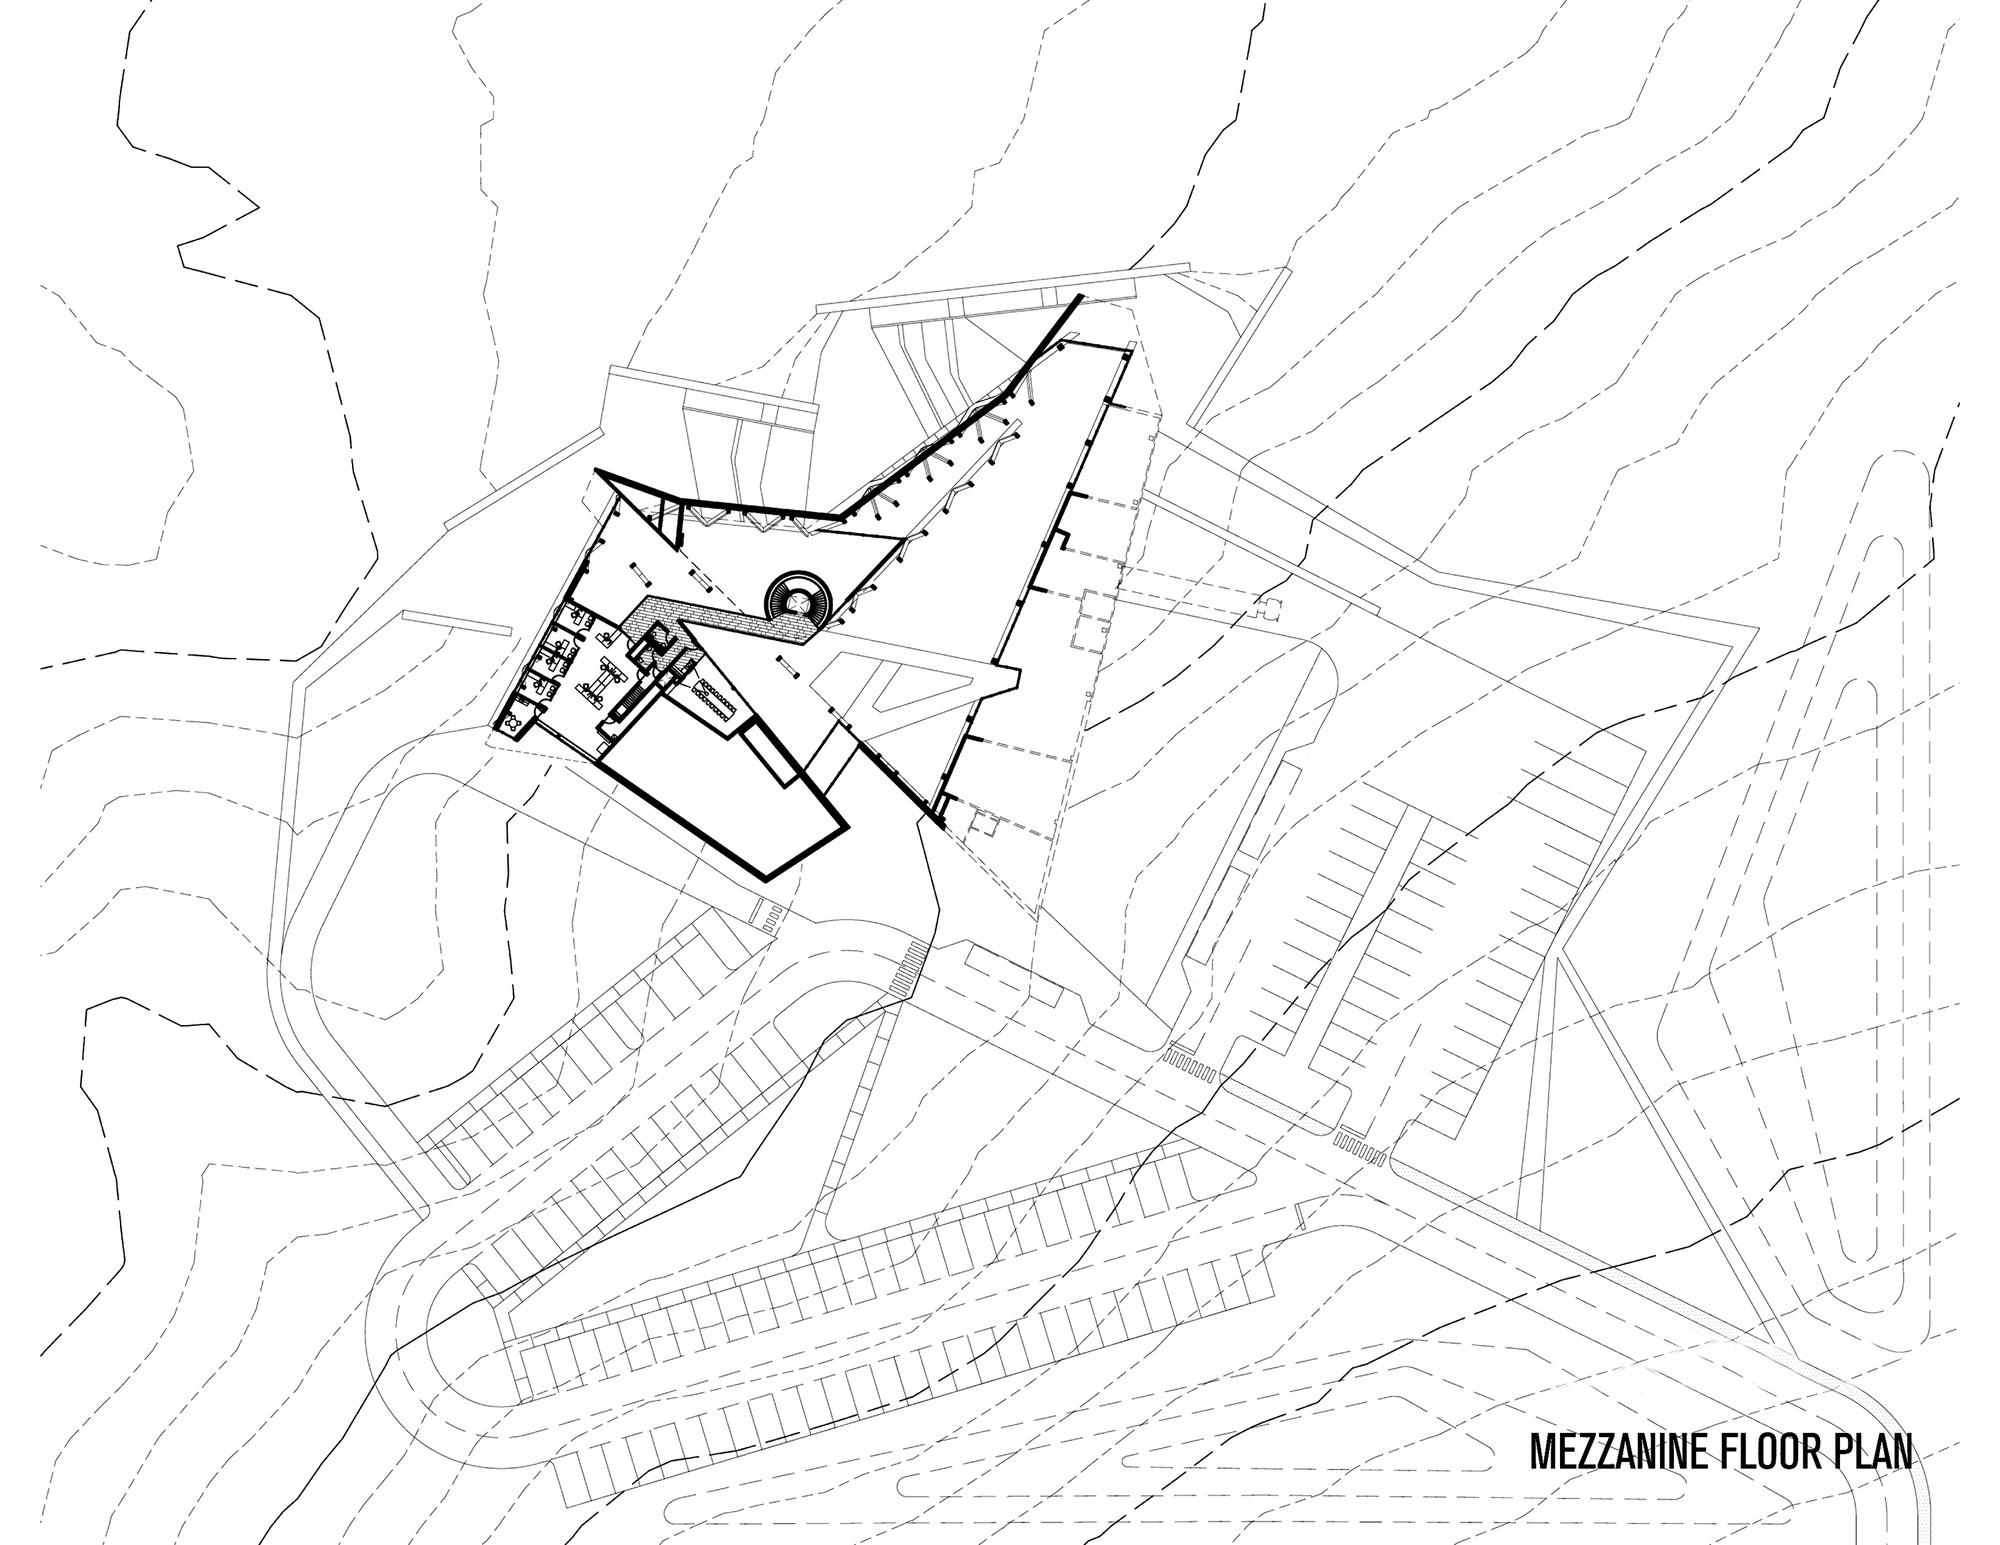 Gallery of philip j currie dinosaur museum teeple for Mezzanine floor plan